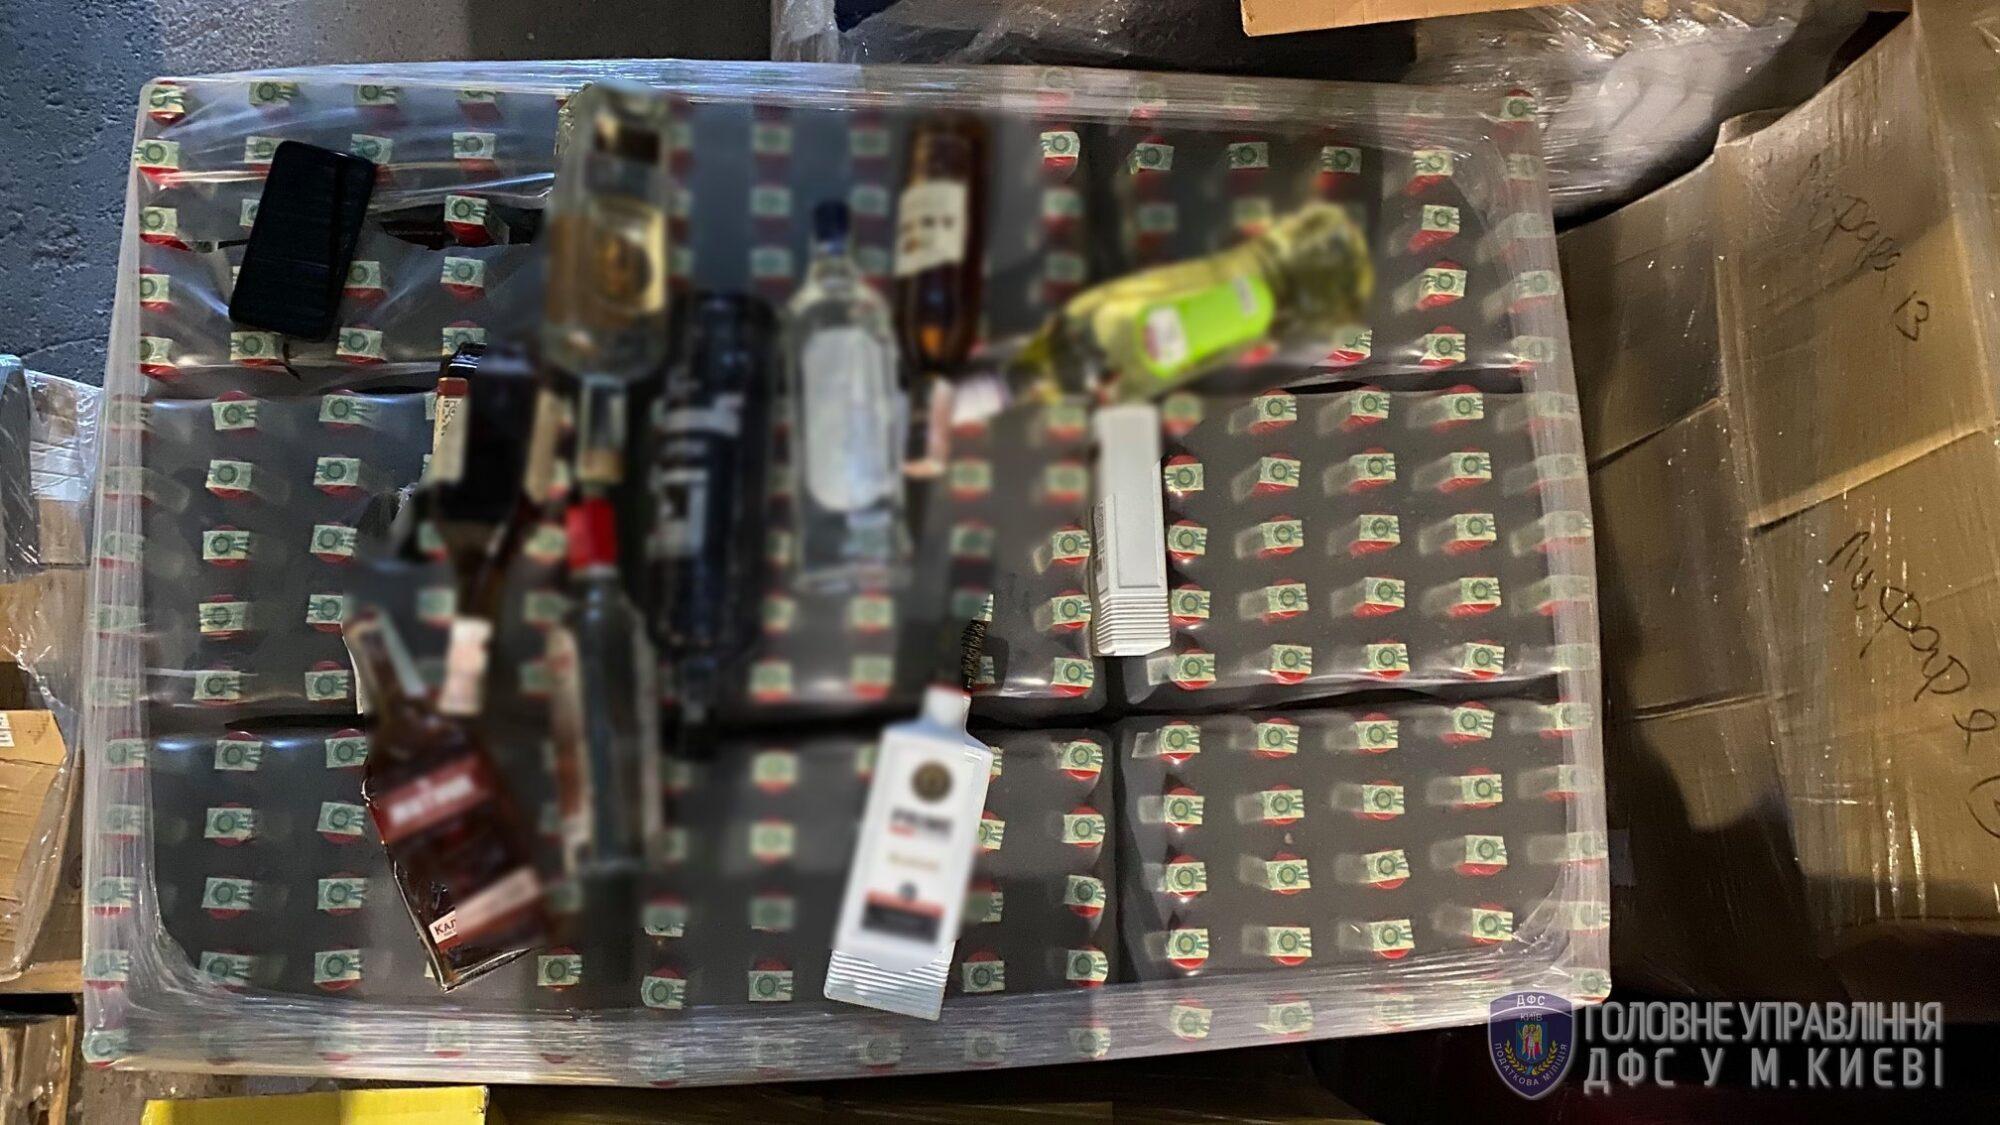 Кілька тонн фальсифікованого алкоголю: на Київщині діяв підпільний цех -  - 108208181 3416915685009064 8332724783343609065 o 2000x1125